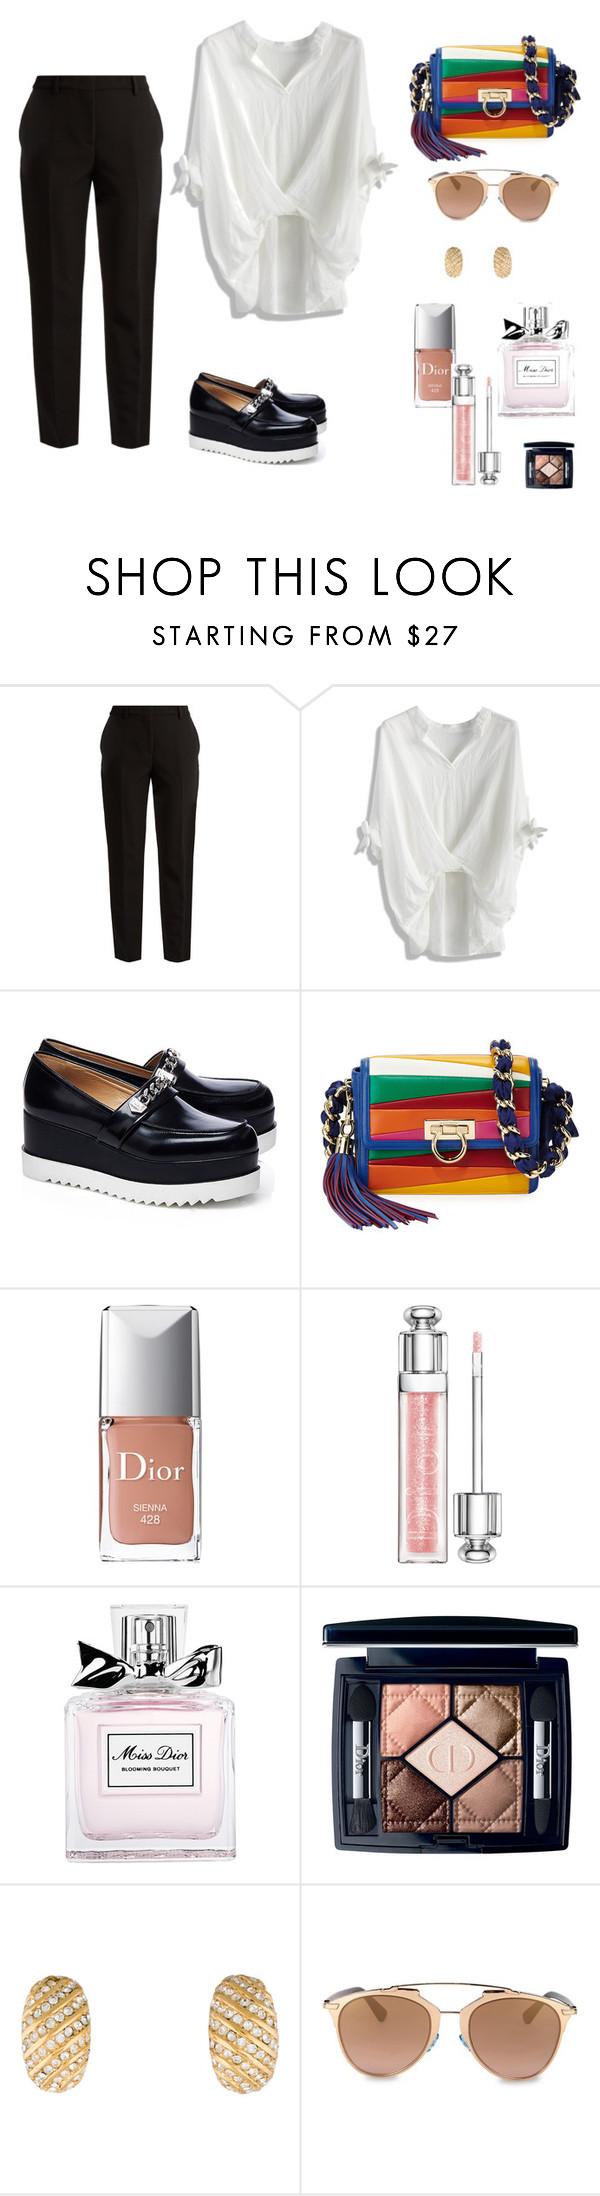 Dior diorissimo by janka-dzurillova on Polyvore featuring Chicwish, MSGM, Karl Lagerfeld, Salvatore Ferragamo and Christian Dior